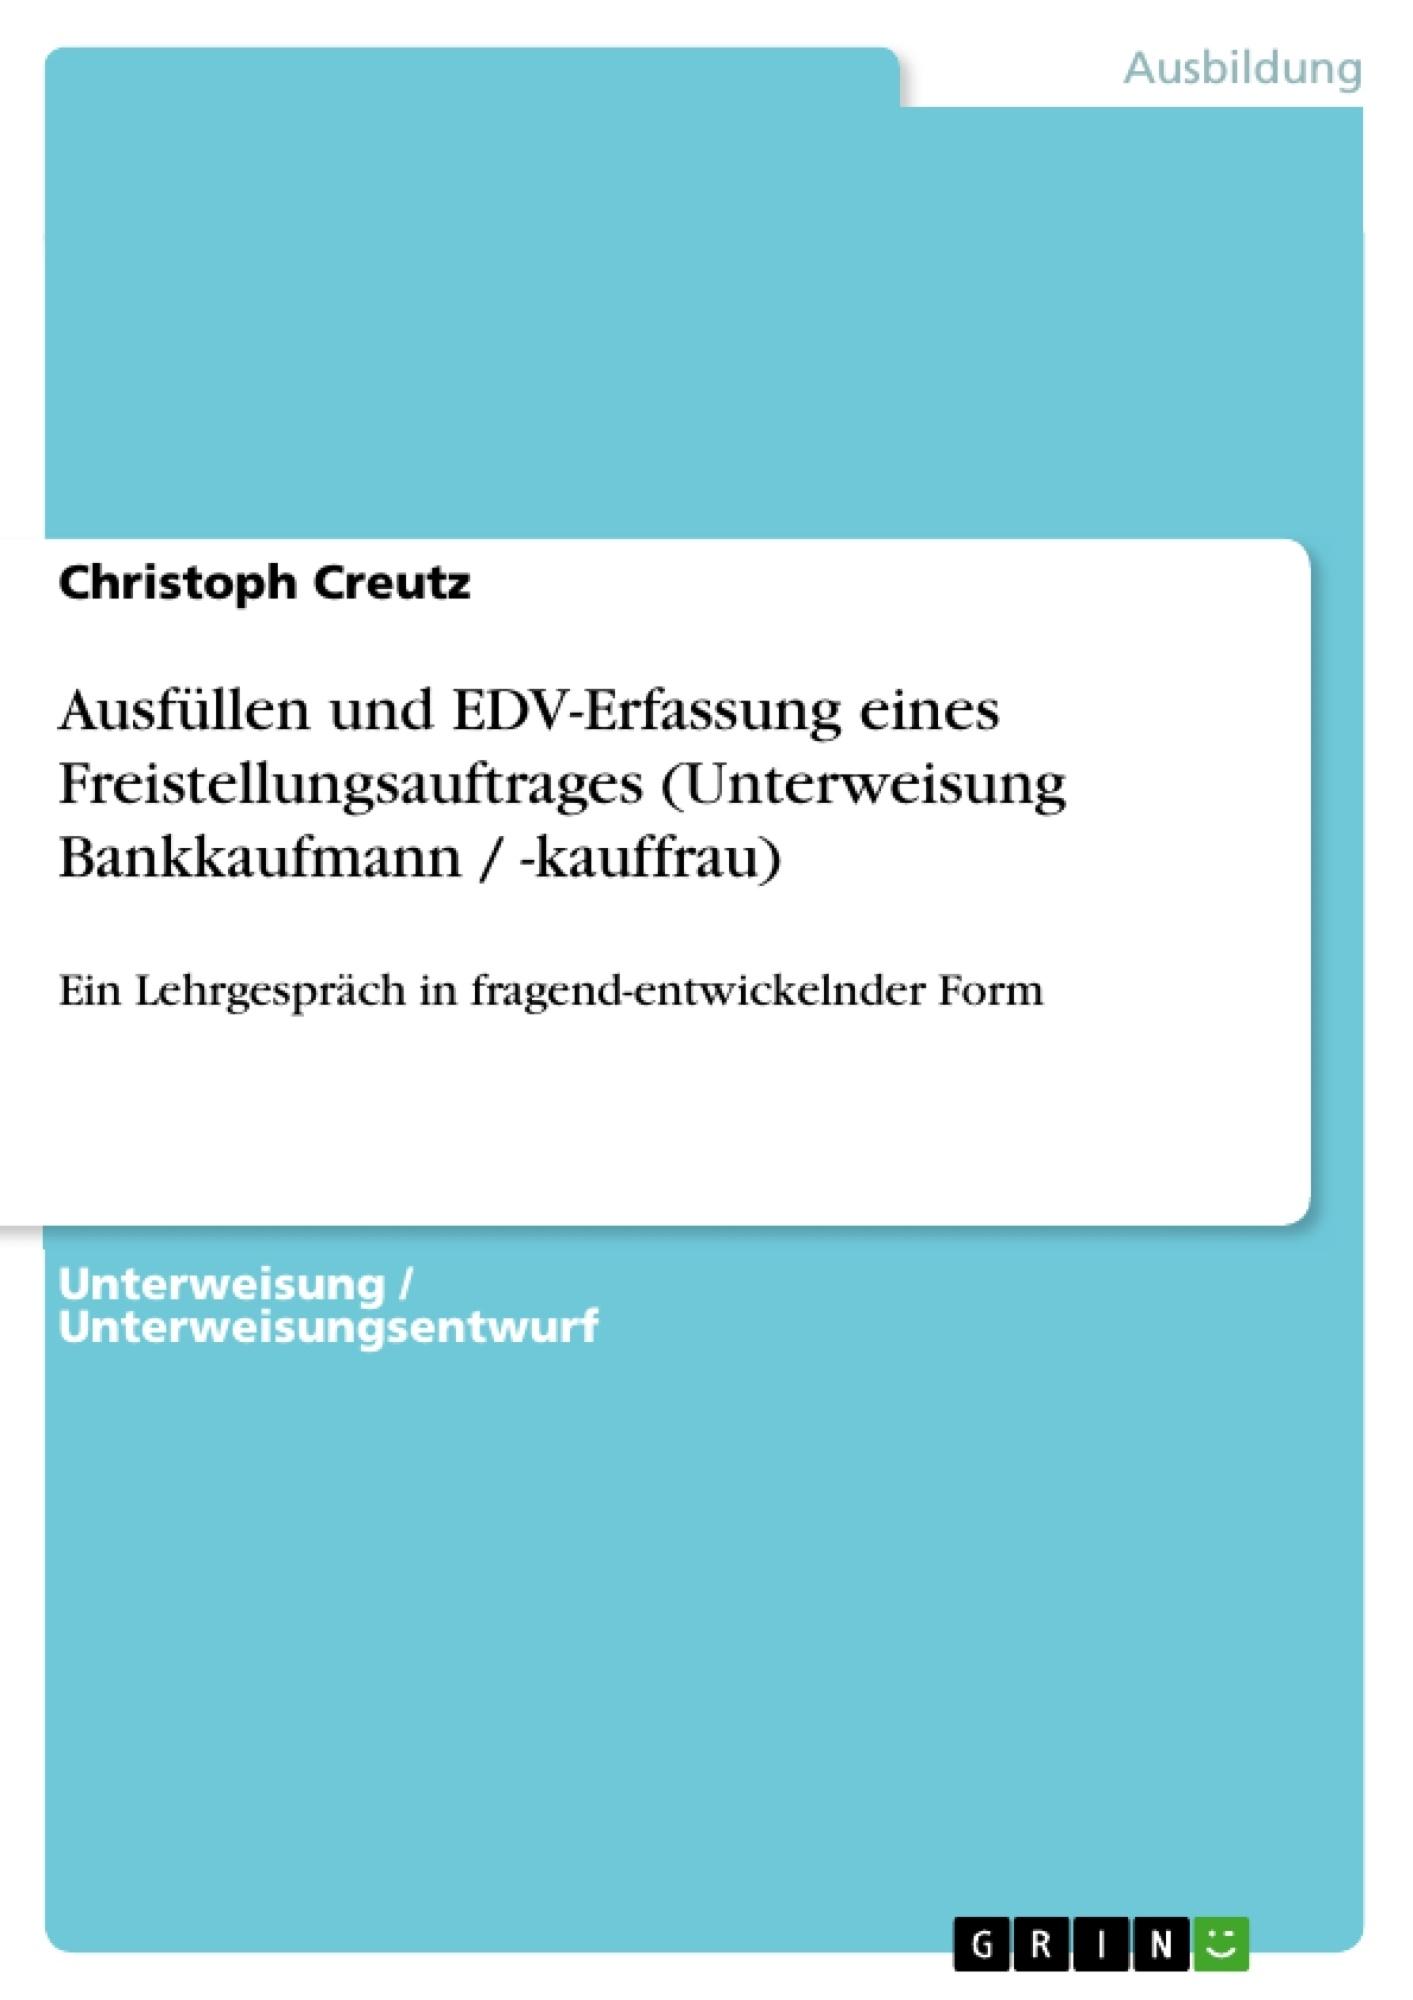 Titel: Ausfüllen und EDV-Erfassung eines Freistellungsauftrages (Unterweisung Bankkaufmann / -kauffrau)